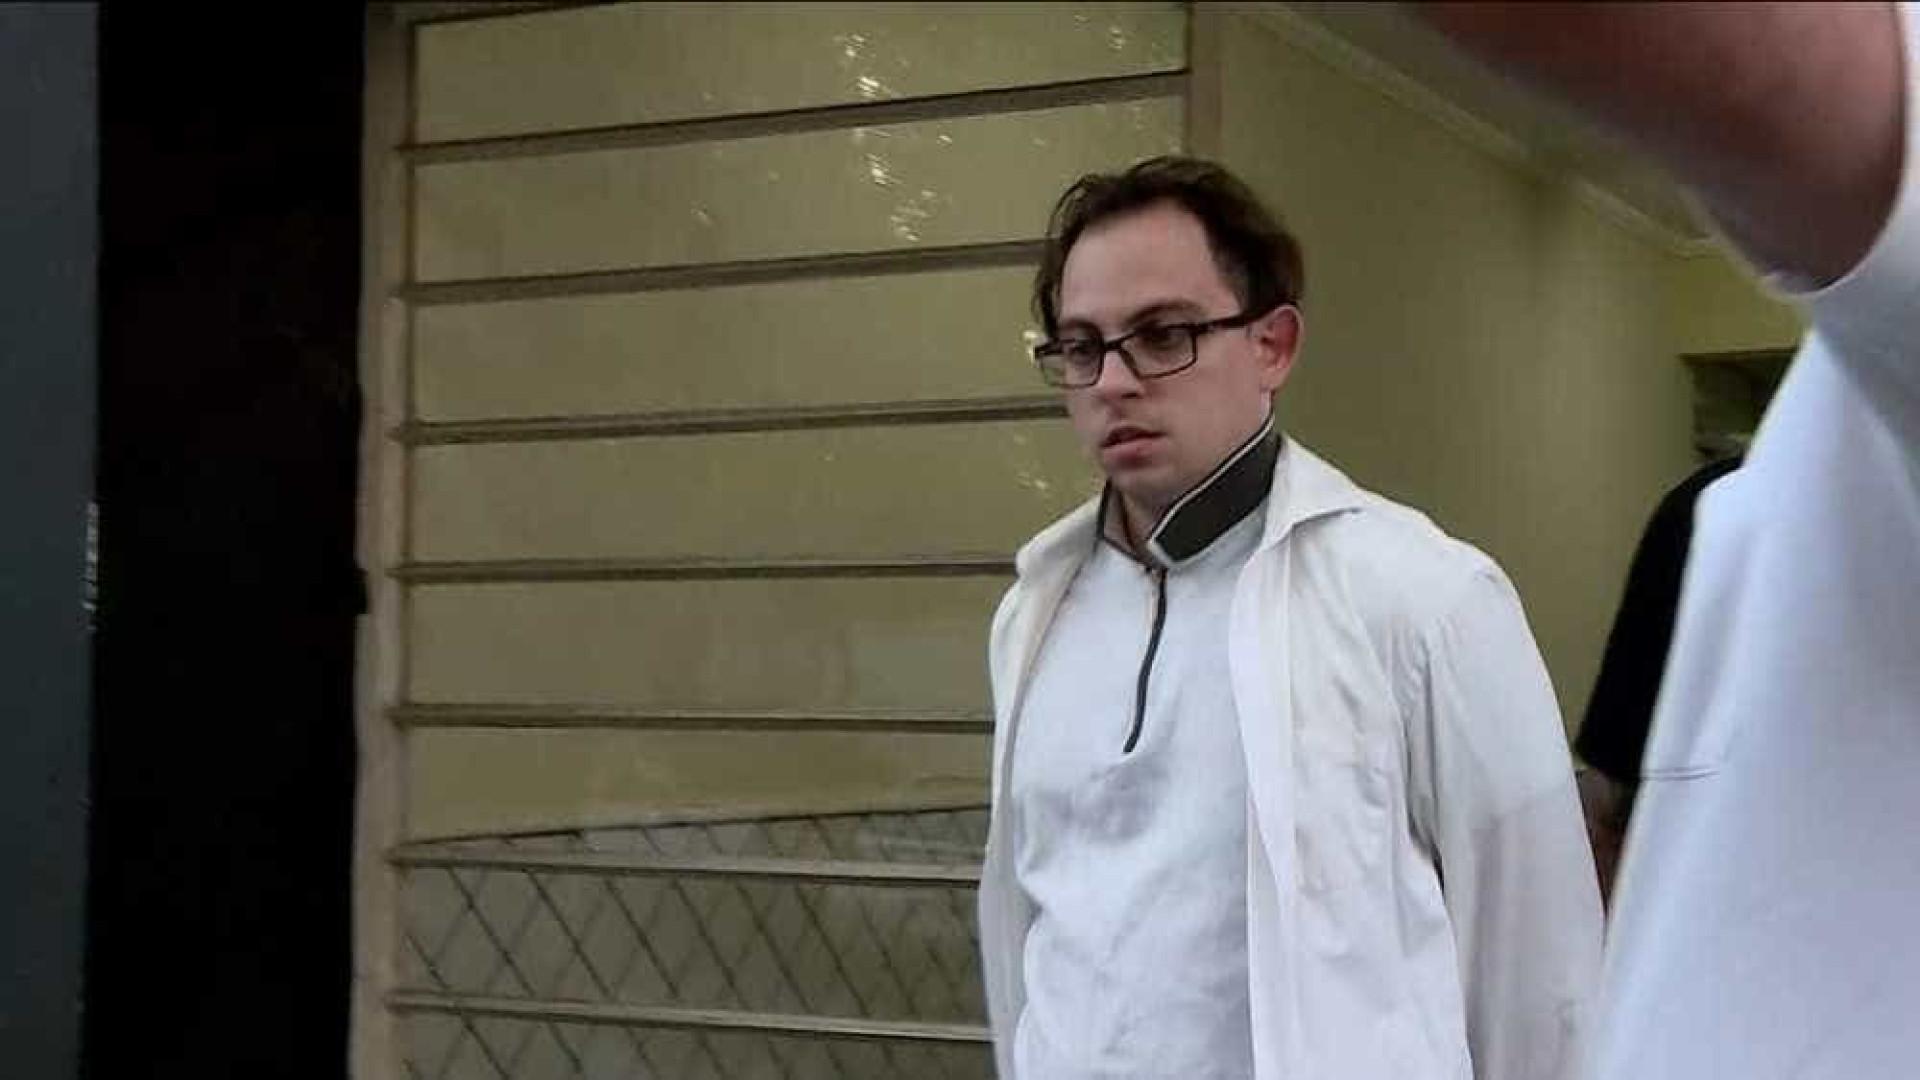 Justiça decreta prisão de vigia que ejaculou em mulher em ônibus em SP